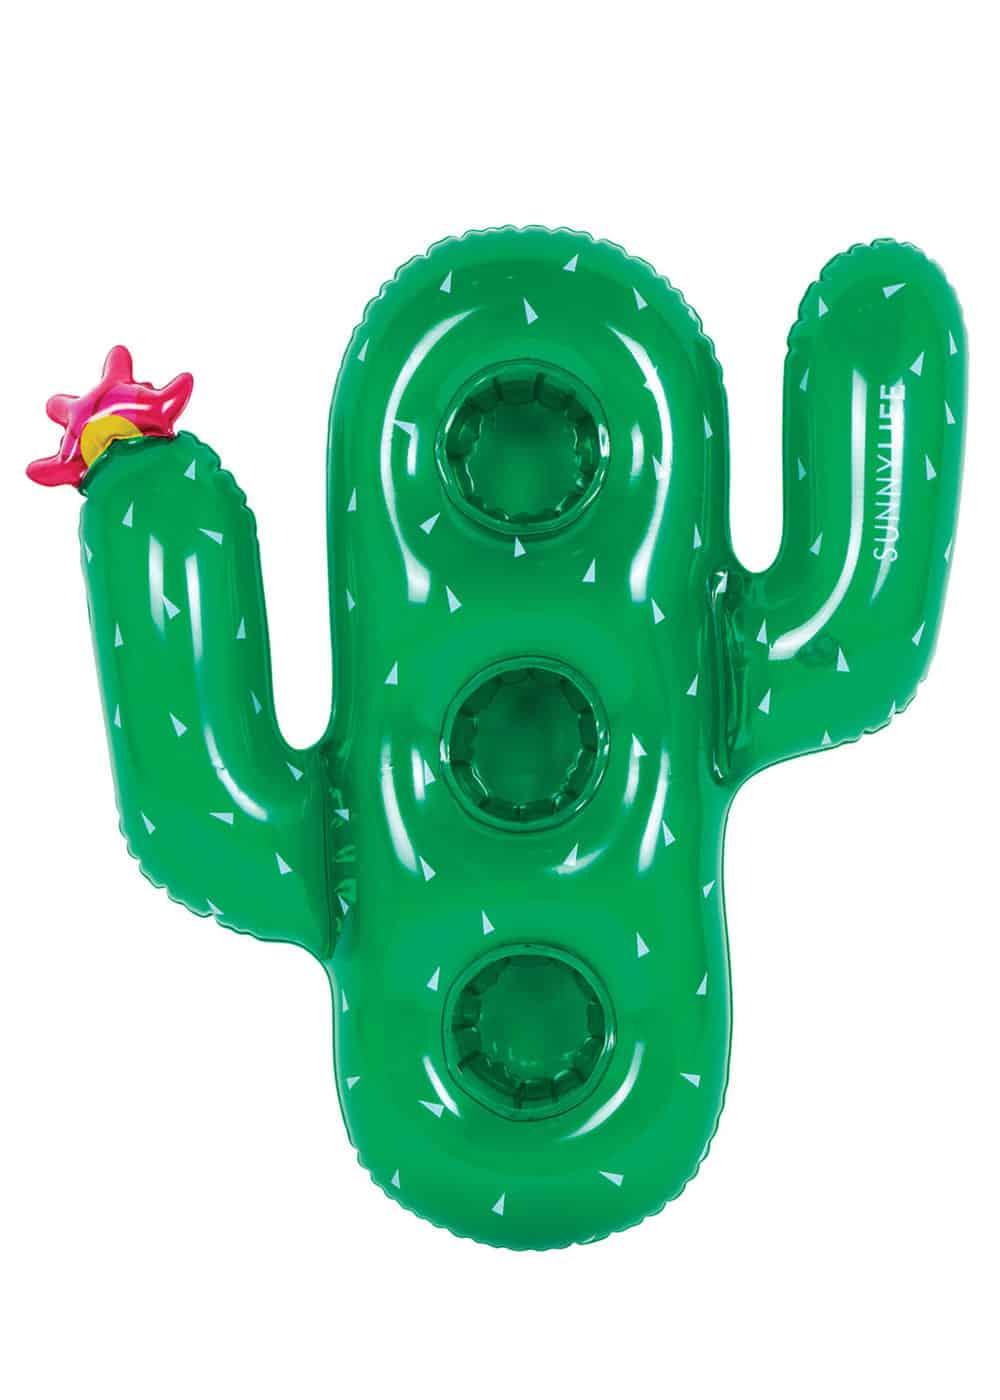 sunnylife cactus float drink holder century 21 cowgirl magazine